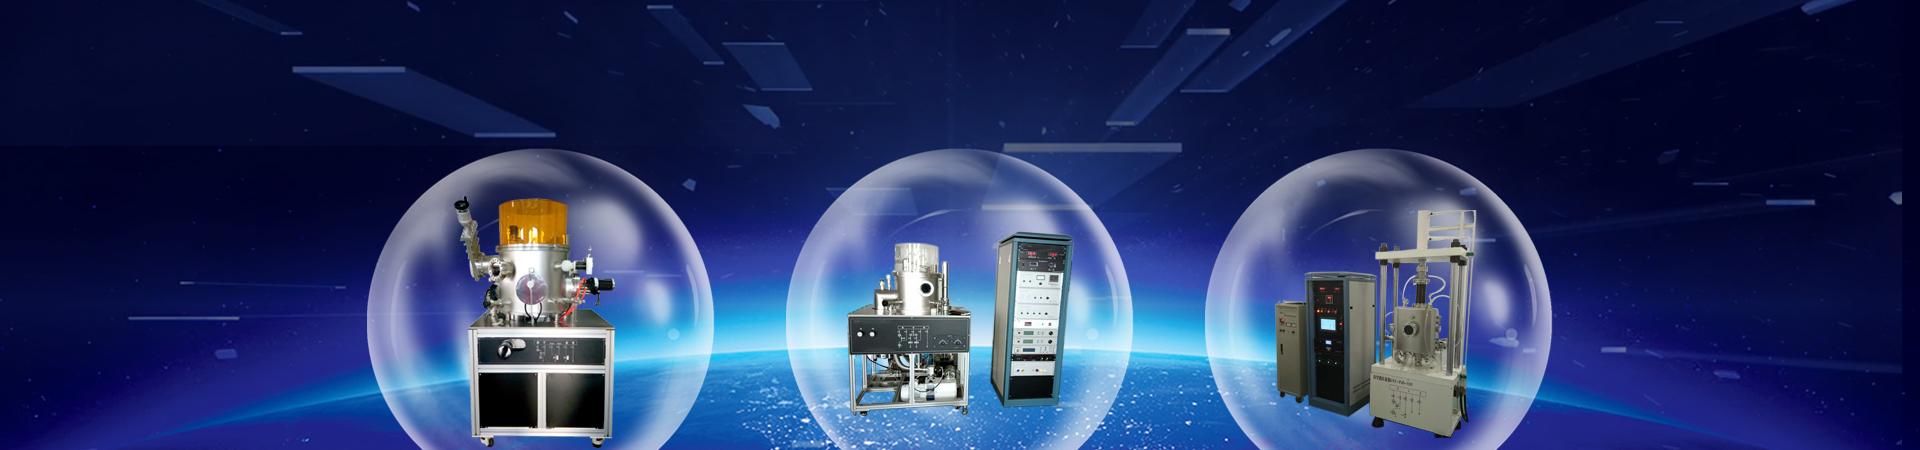 磁控溅射,东北磁控溅射厂家,电弧熔炼